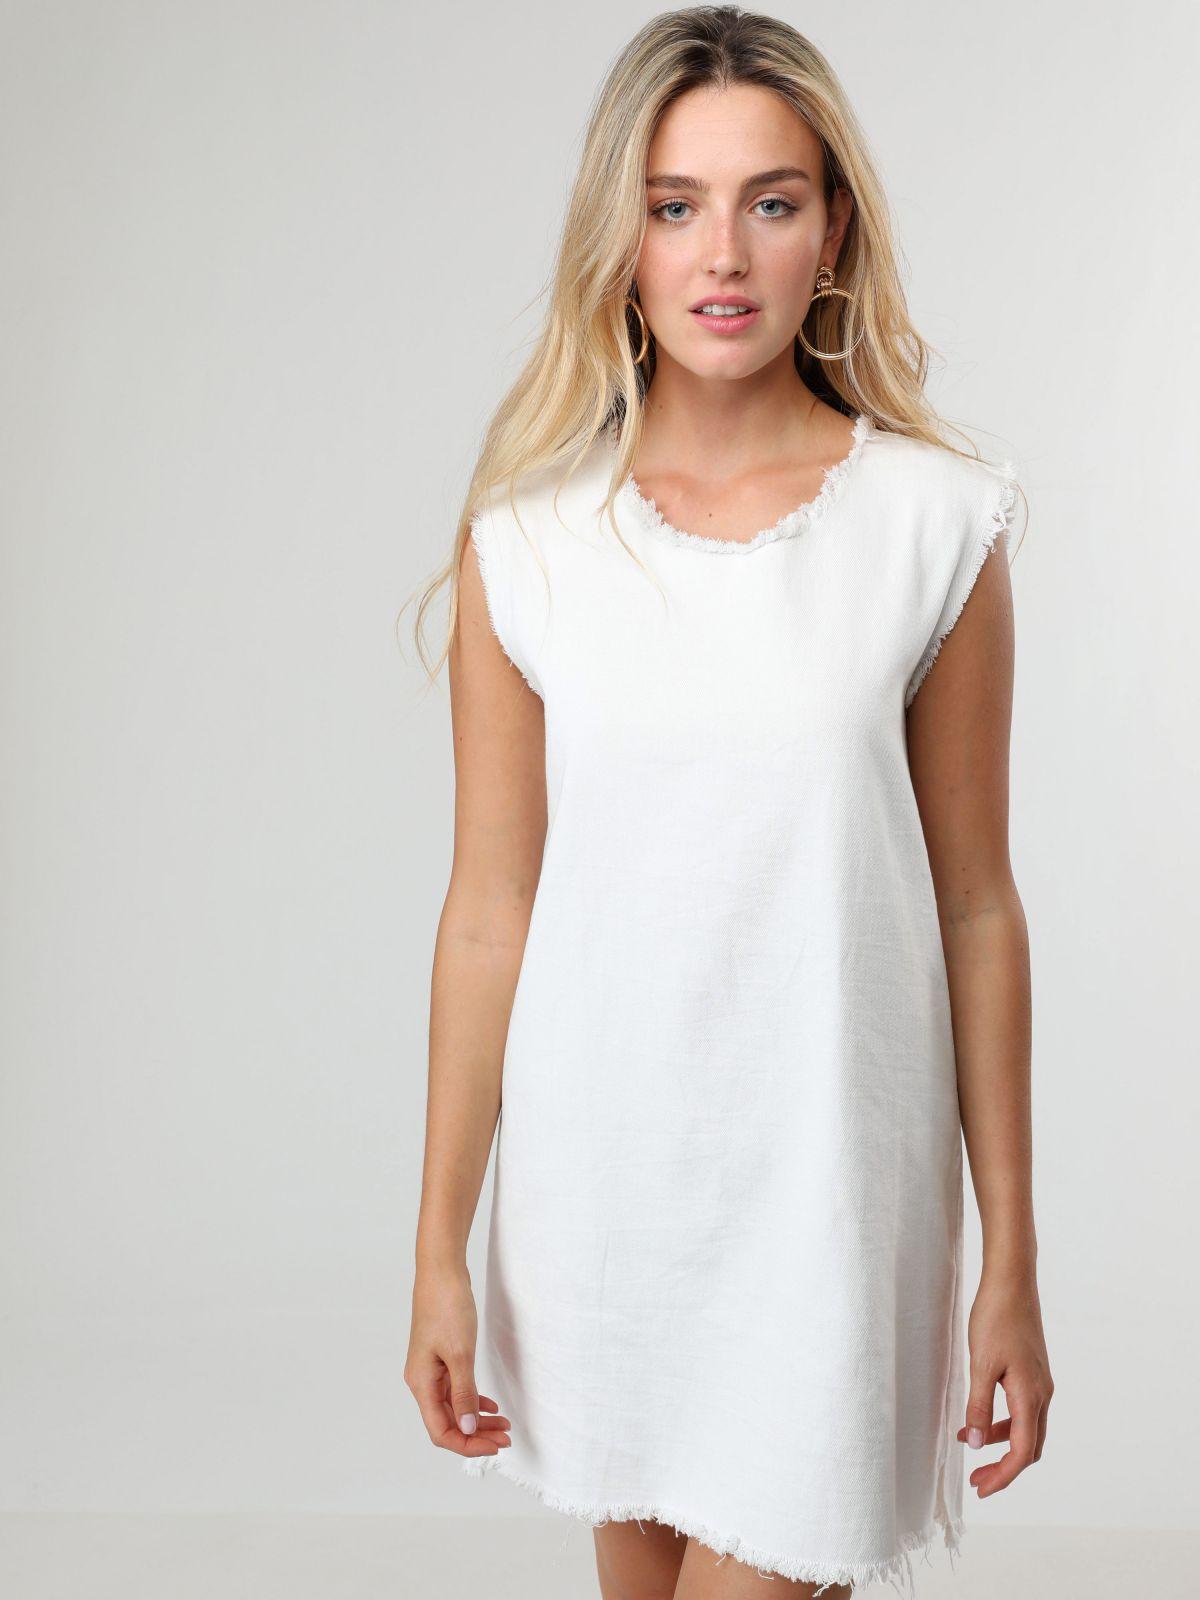 שמלת ג'ינס מיני עם שוליים פרומיםשמלת ג'ינס מיני עם שוליים פרומים של TERMINAL X